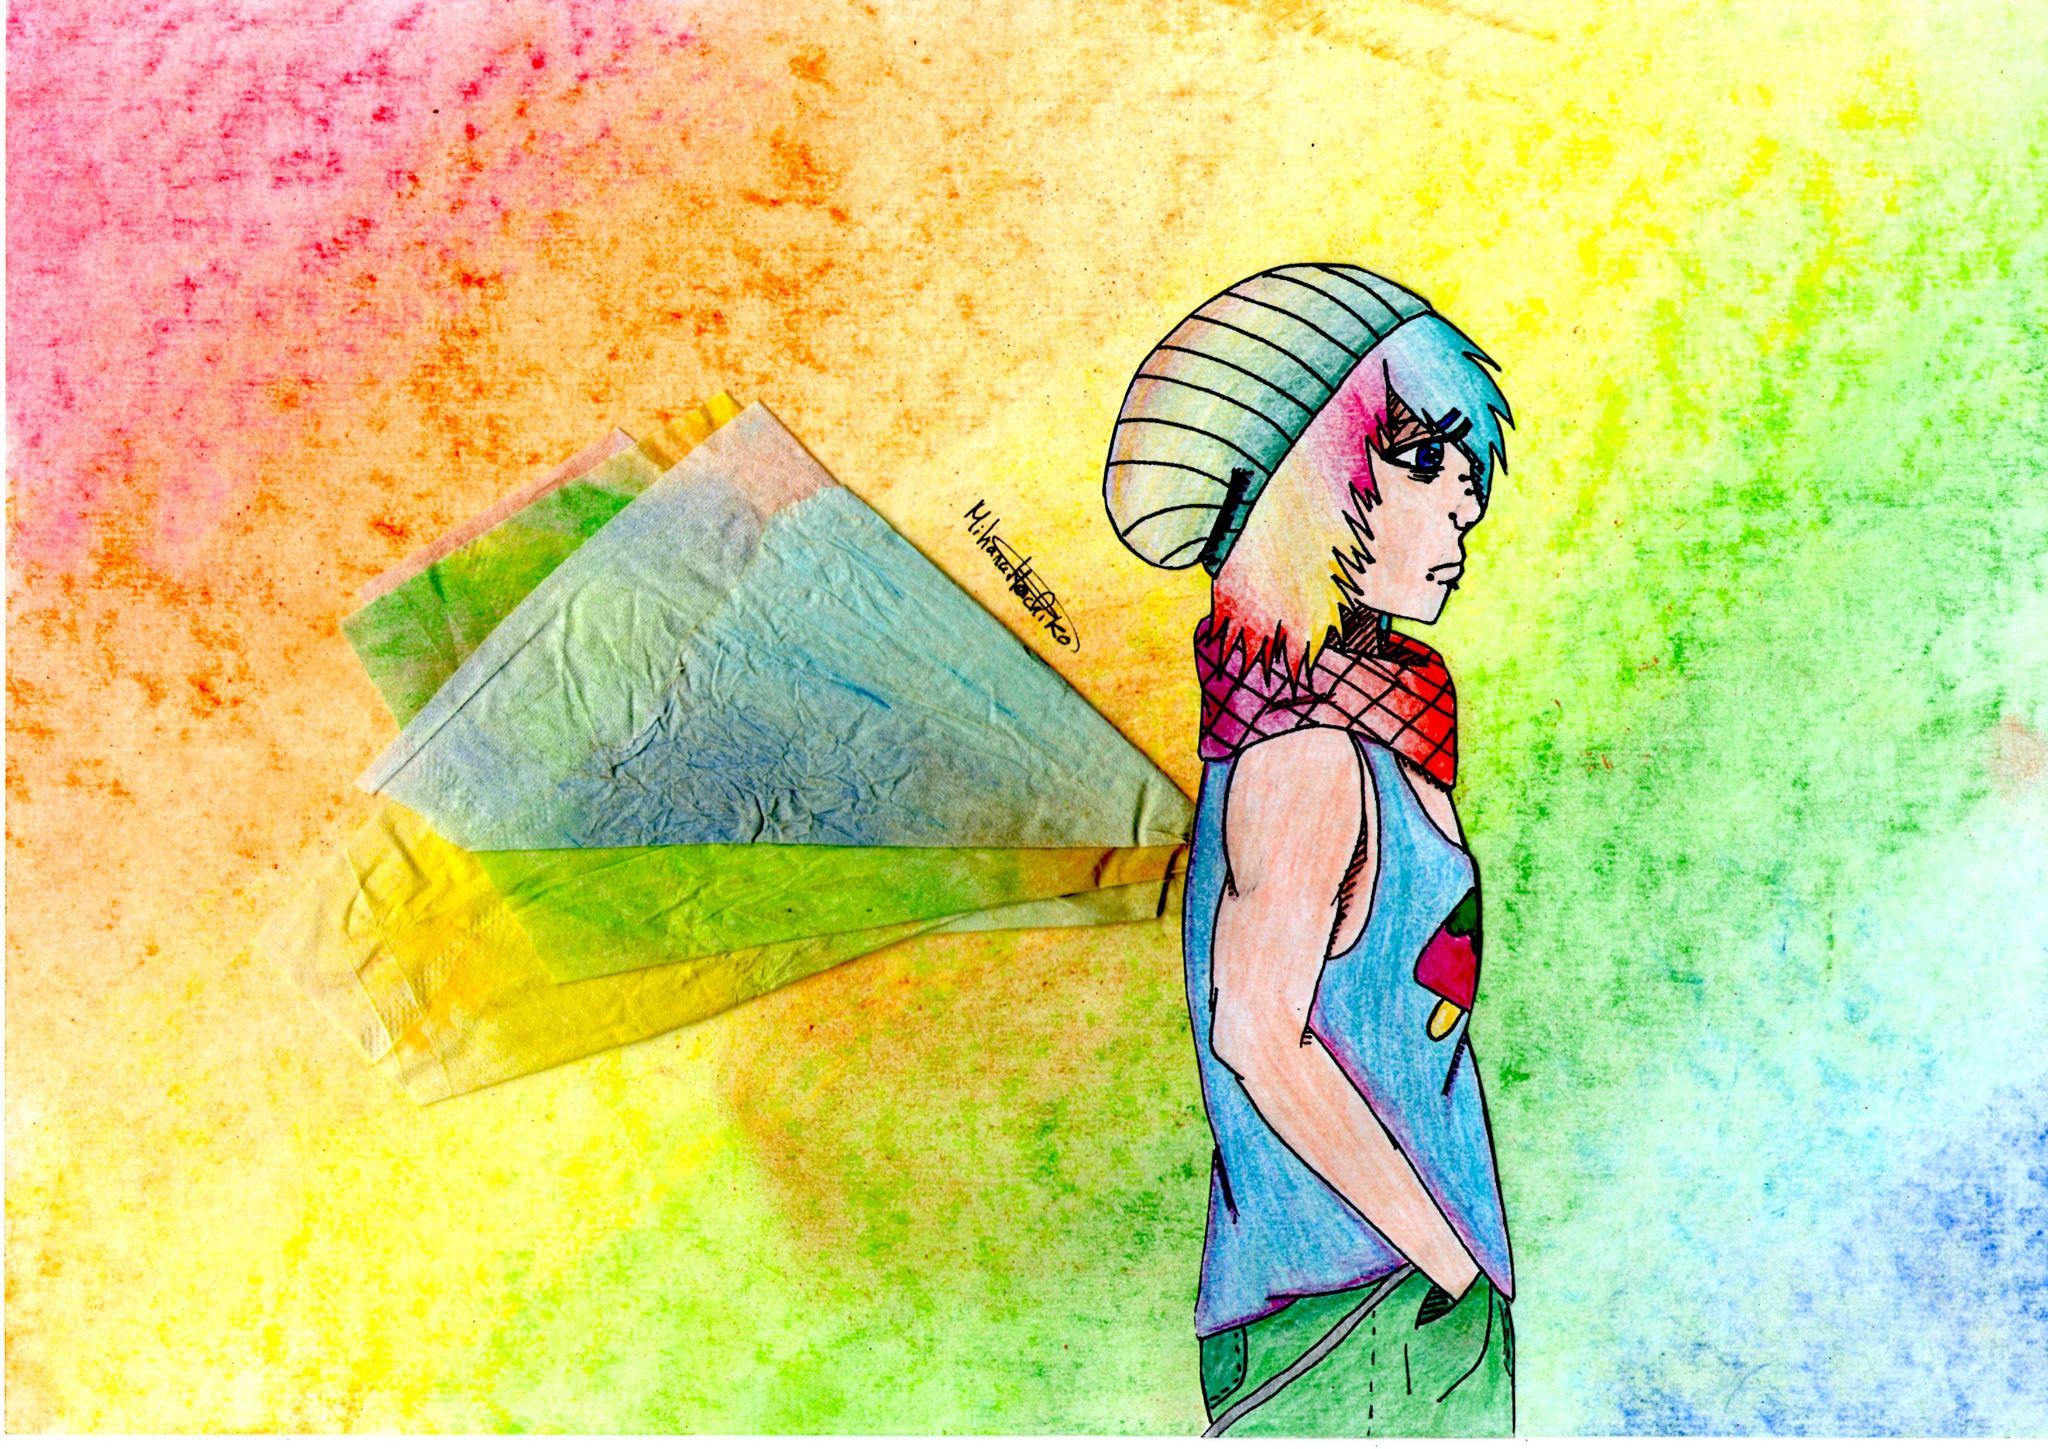 Adolescent emo avec des ailes en papier.